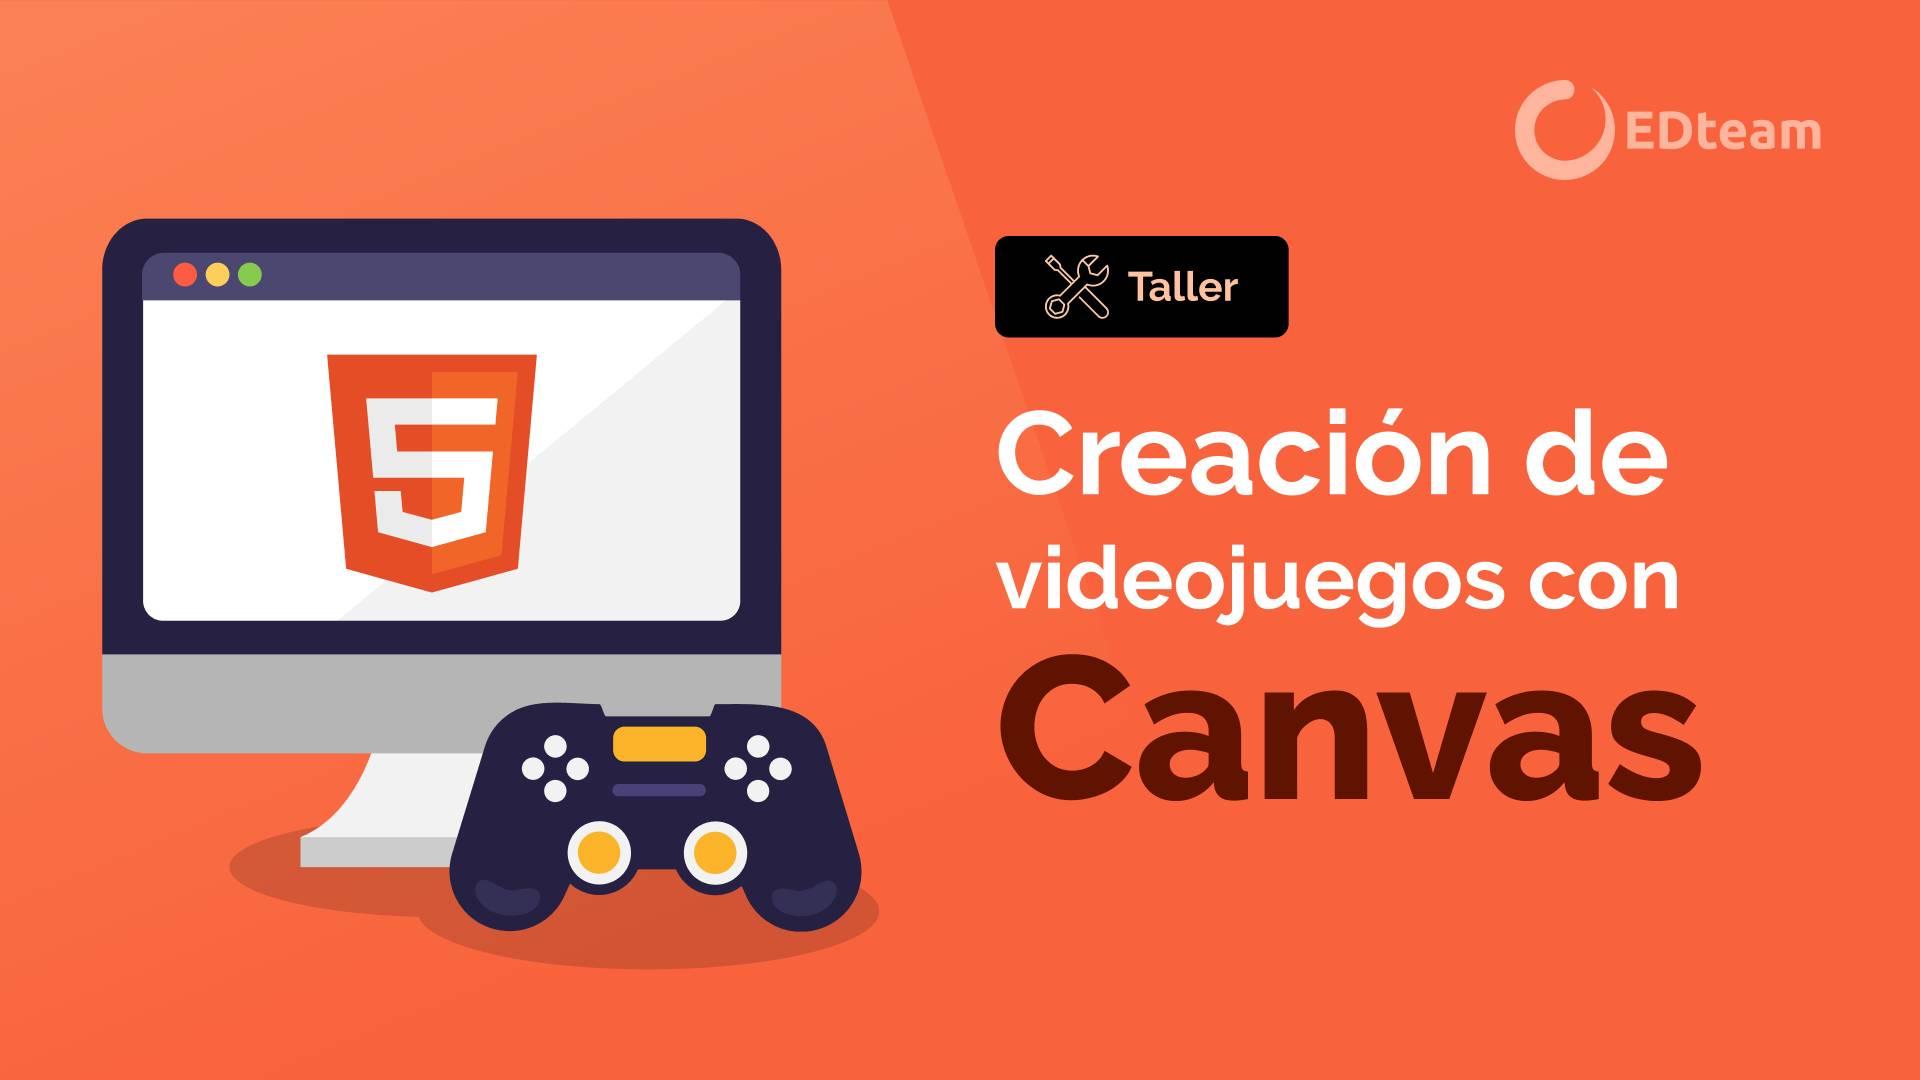 Creación de videojuegos con Canvas